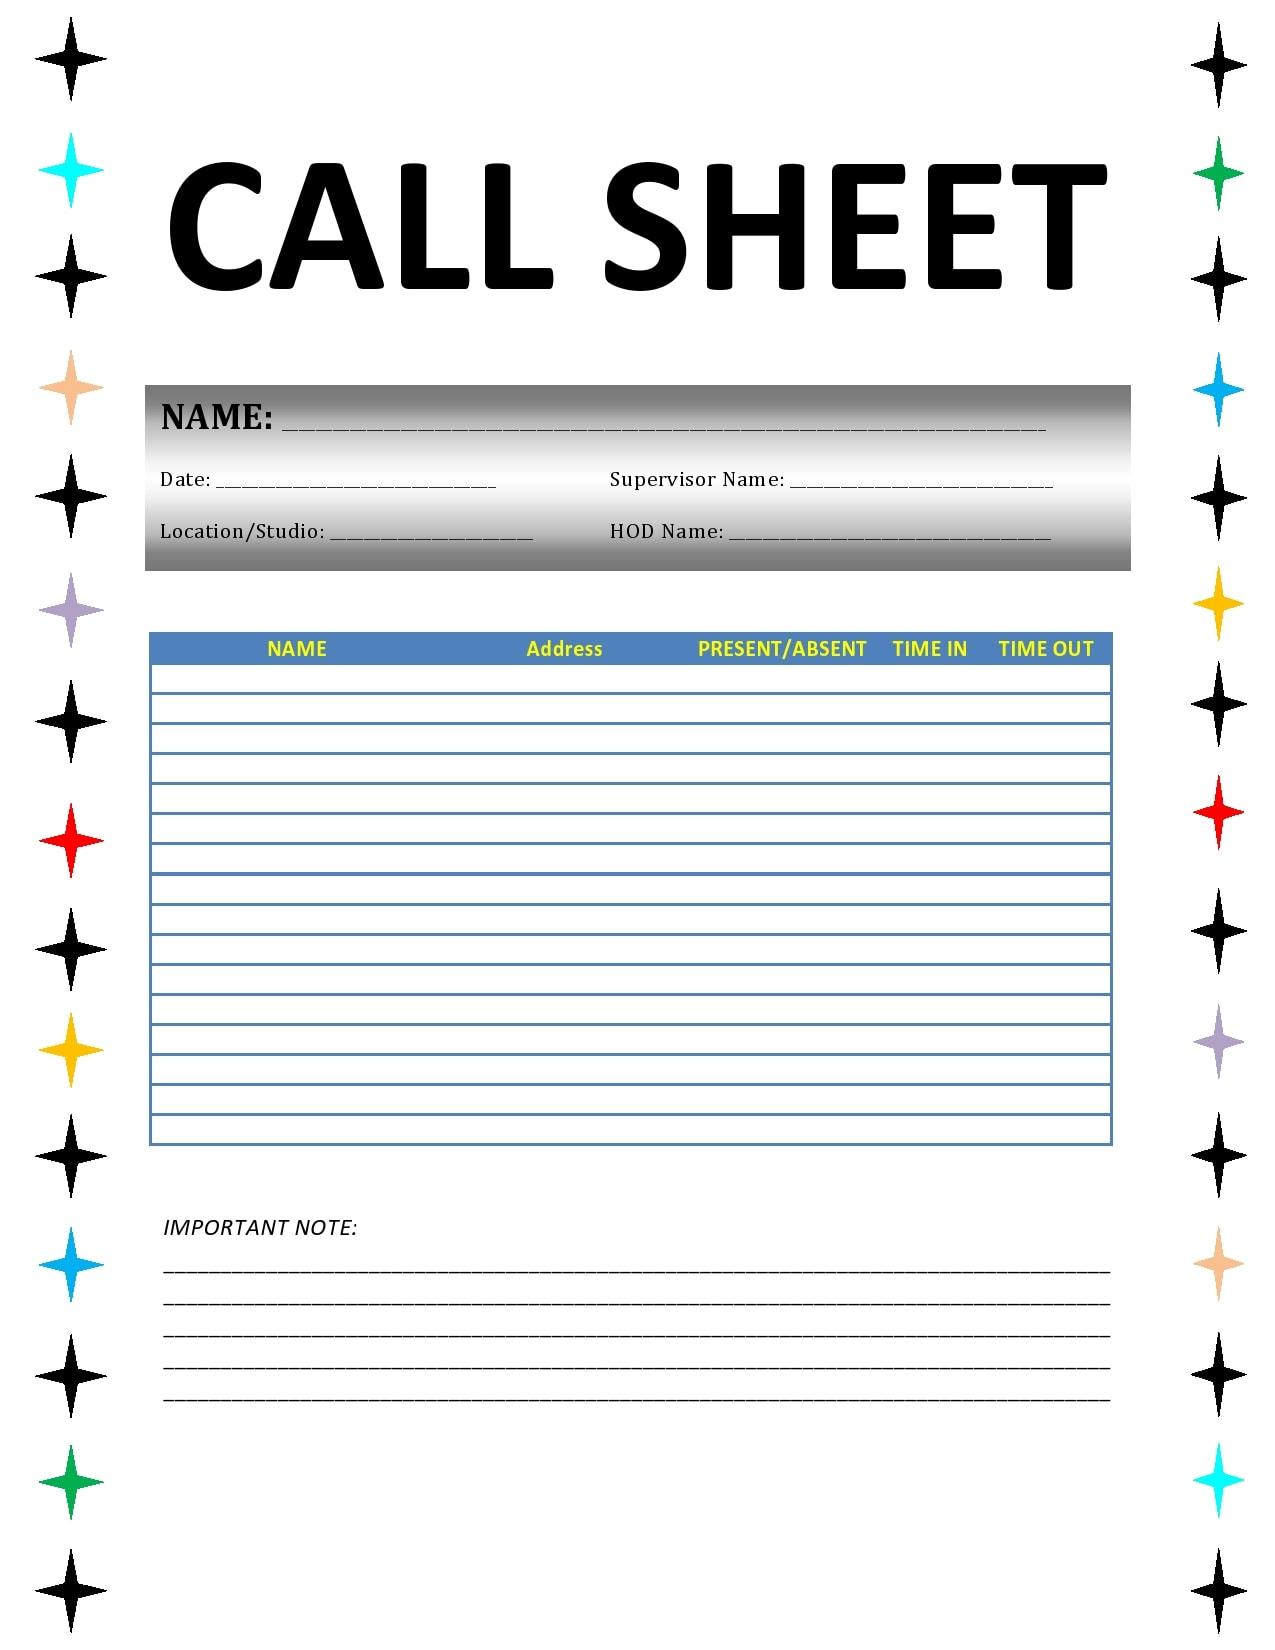 call sheet template 20